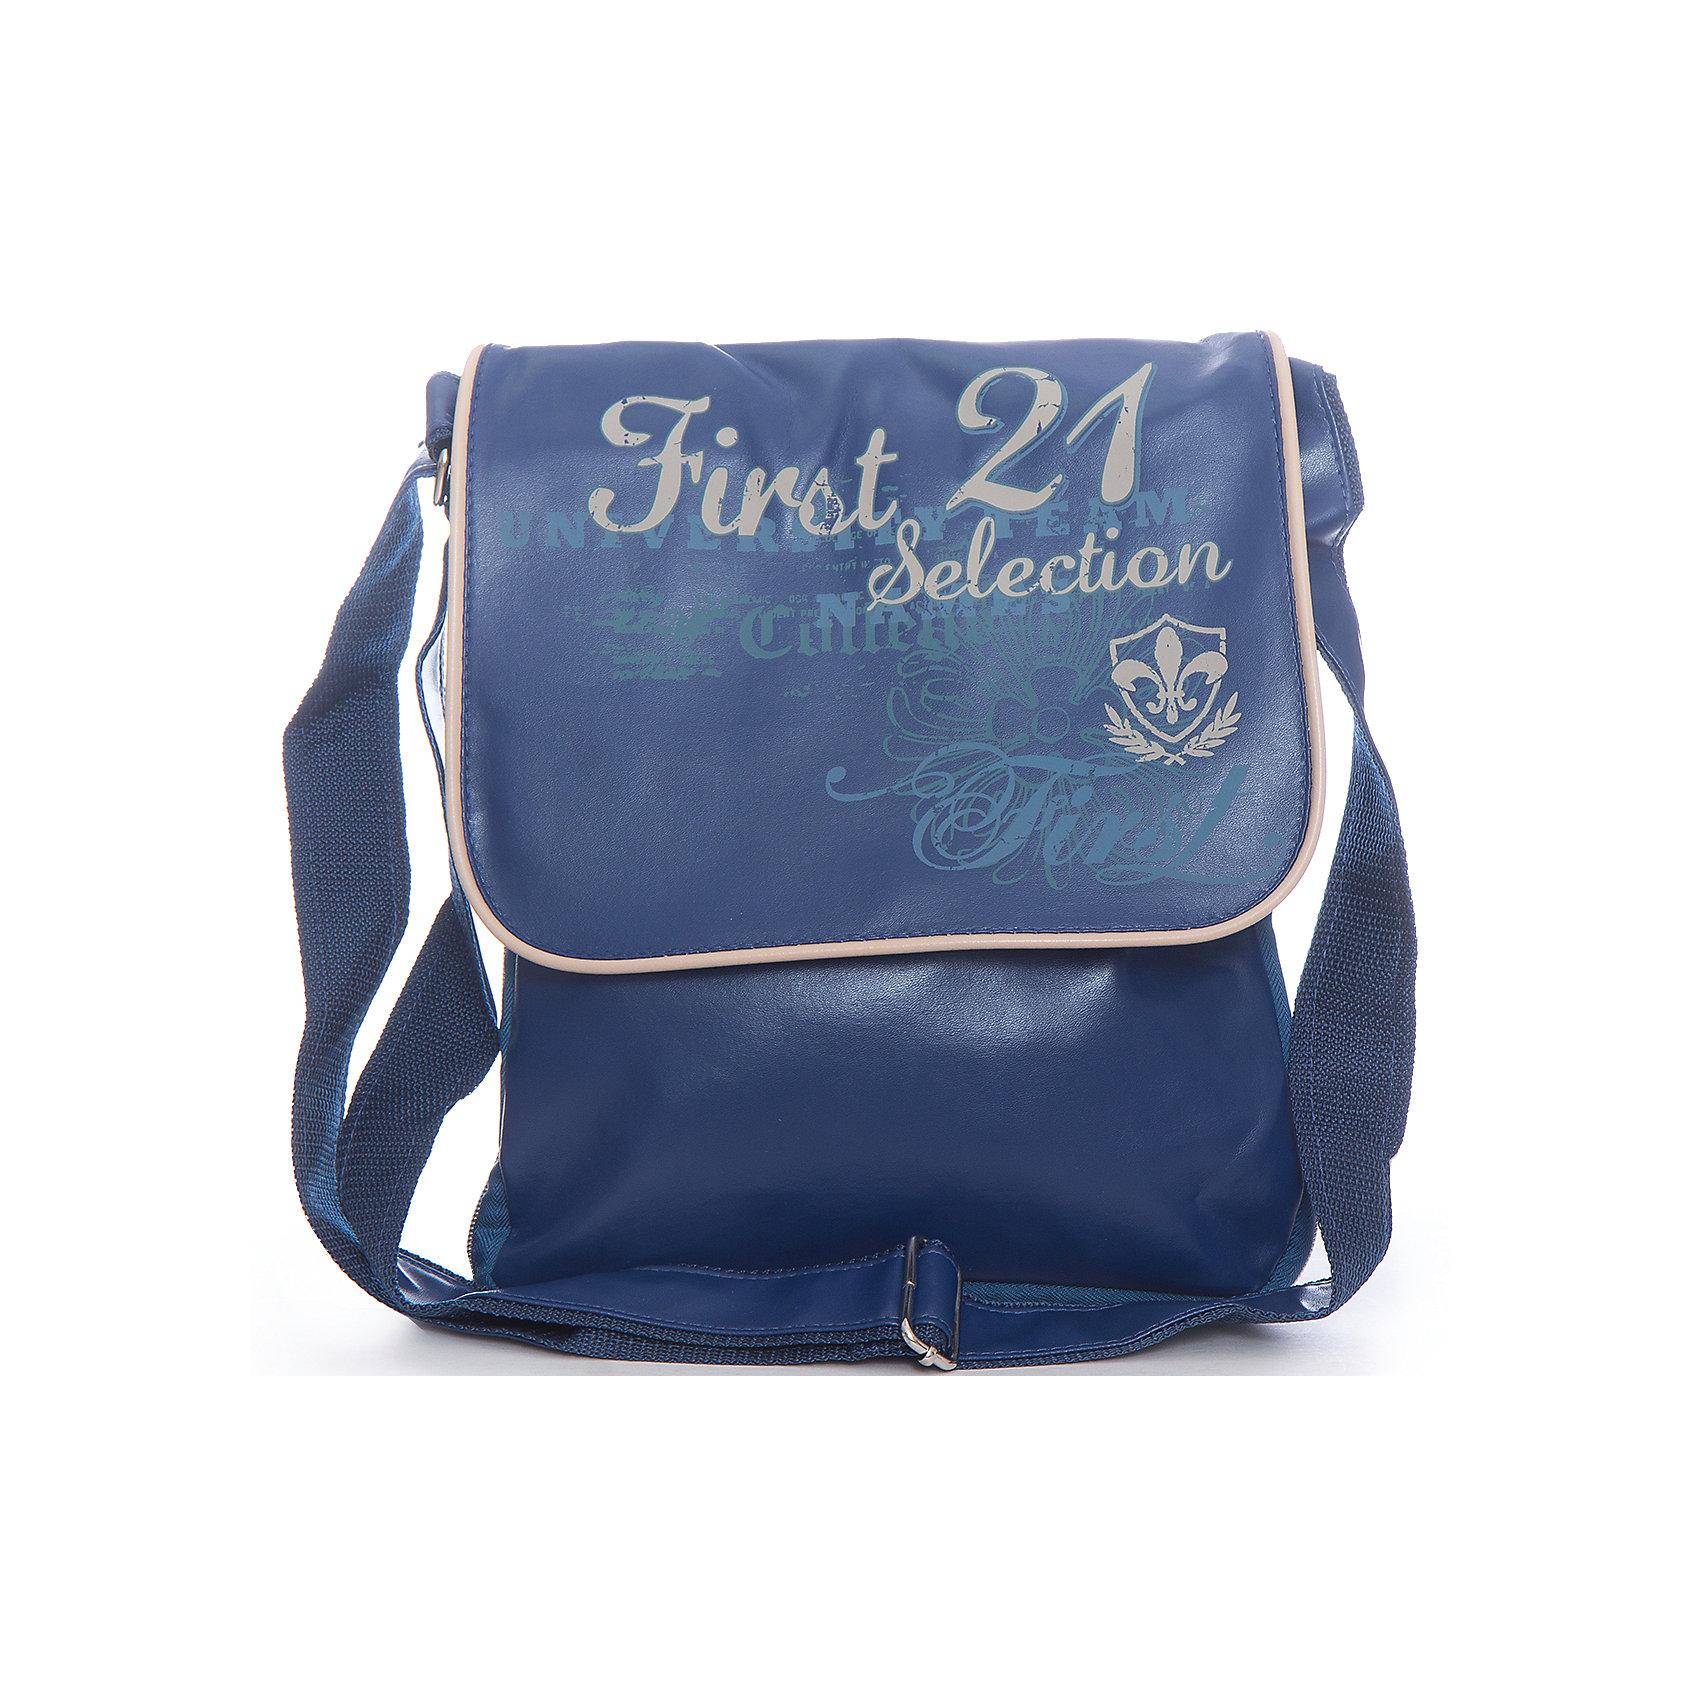 Сумка подростковая КолледжСтильная сумка с запоминающимся дизайном придется по вкусу любому подростку. Модель оснащена уплотнённым плечевым ремнем, регулируемым по длине, удобными и практичными карманами, выполнена из высококачественного прочного материала.  <br><br>Дополнительная информация:<br><br>- Материал: полиуретан.<br>- Размер: 25х30х3 см.<br>- Тип застежки: магнитный замок.  <br>- Плечевой ремень регулируется.<br>- 1 большое отделение с небольшим боковым карманом и карманом телефона.<br>- 2 маленьких отделения: 1 под клапаном, 1 сзади (закрывается на липучку).<br>- Полноцветная печать с 3D технологией.<br><br>Сумку подростковую Колледж можно купить в нашем магазине.<br><br>Ширина мм: 310<br>Глубина мм: 260<br>Высота мм: 40<br>Вес г: 270<br>Возраст от месяцев: 144<br>Возраст до месяцев: 192<br>Пол: Унисекс<br>Возраст: Детский<br>SKU: 4756070